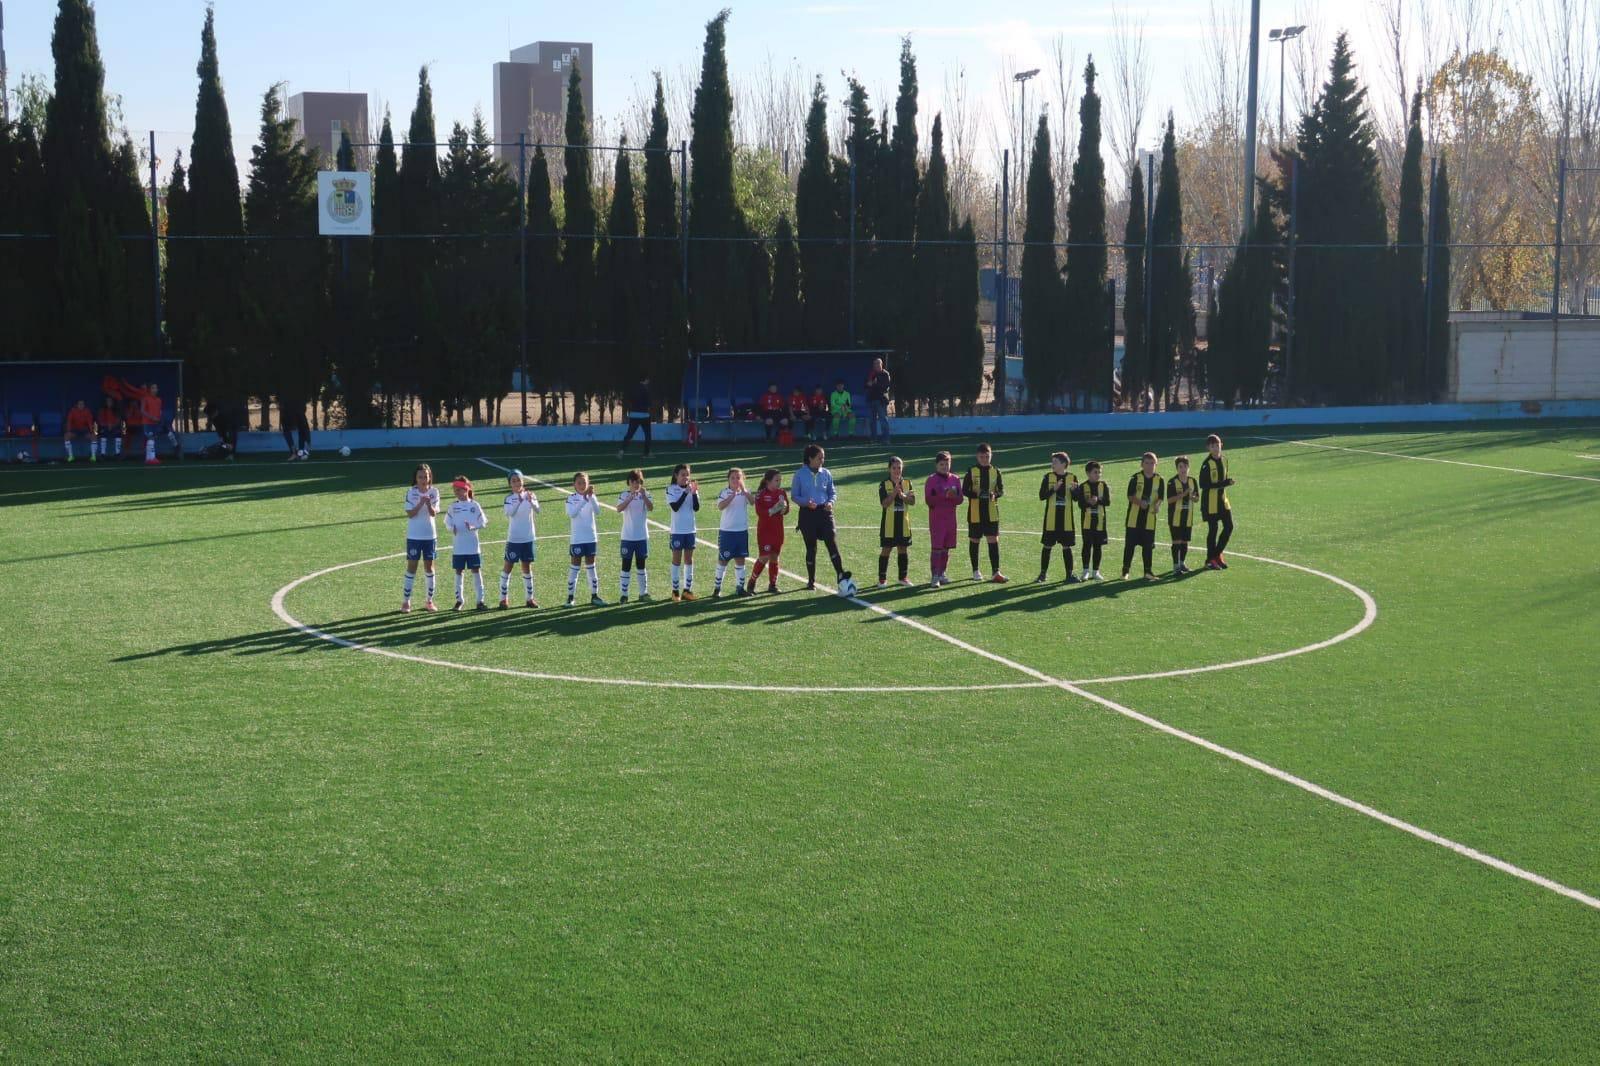 3b8c46ecba1f8 Crónicas de las categorías Alevín 8 y Benjamín de este fin de semana -  Página oficial del Zaragoza Club de Fútbol Femenino